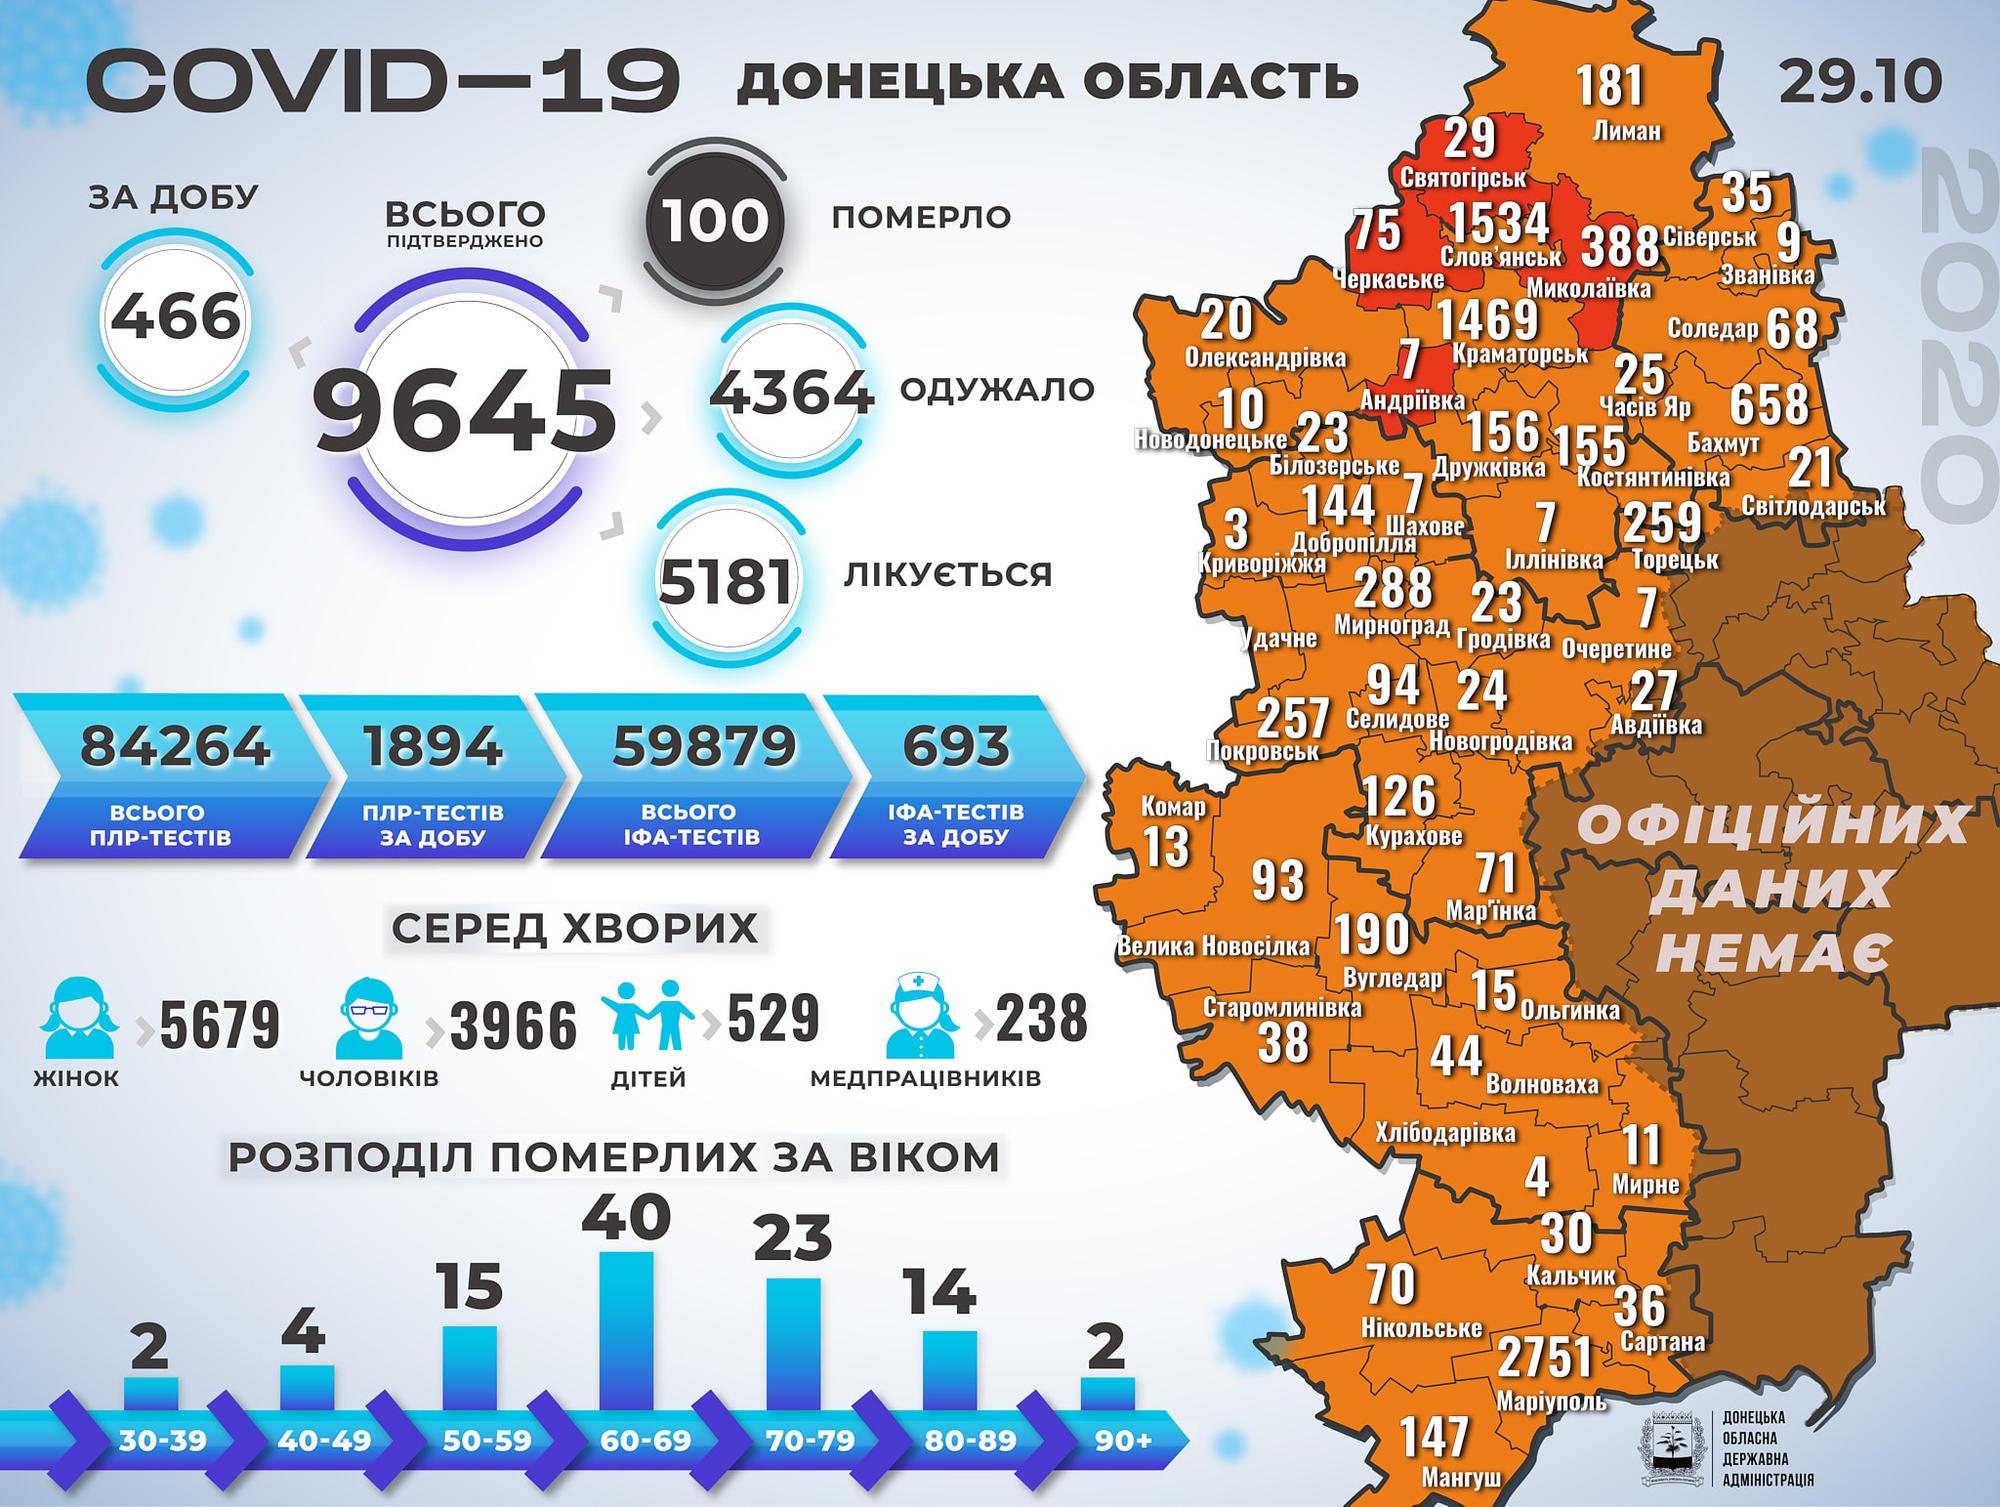 інфографіка Донецька область коронавірус COVID-19 30 жовтня